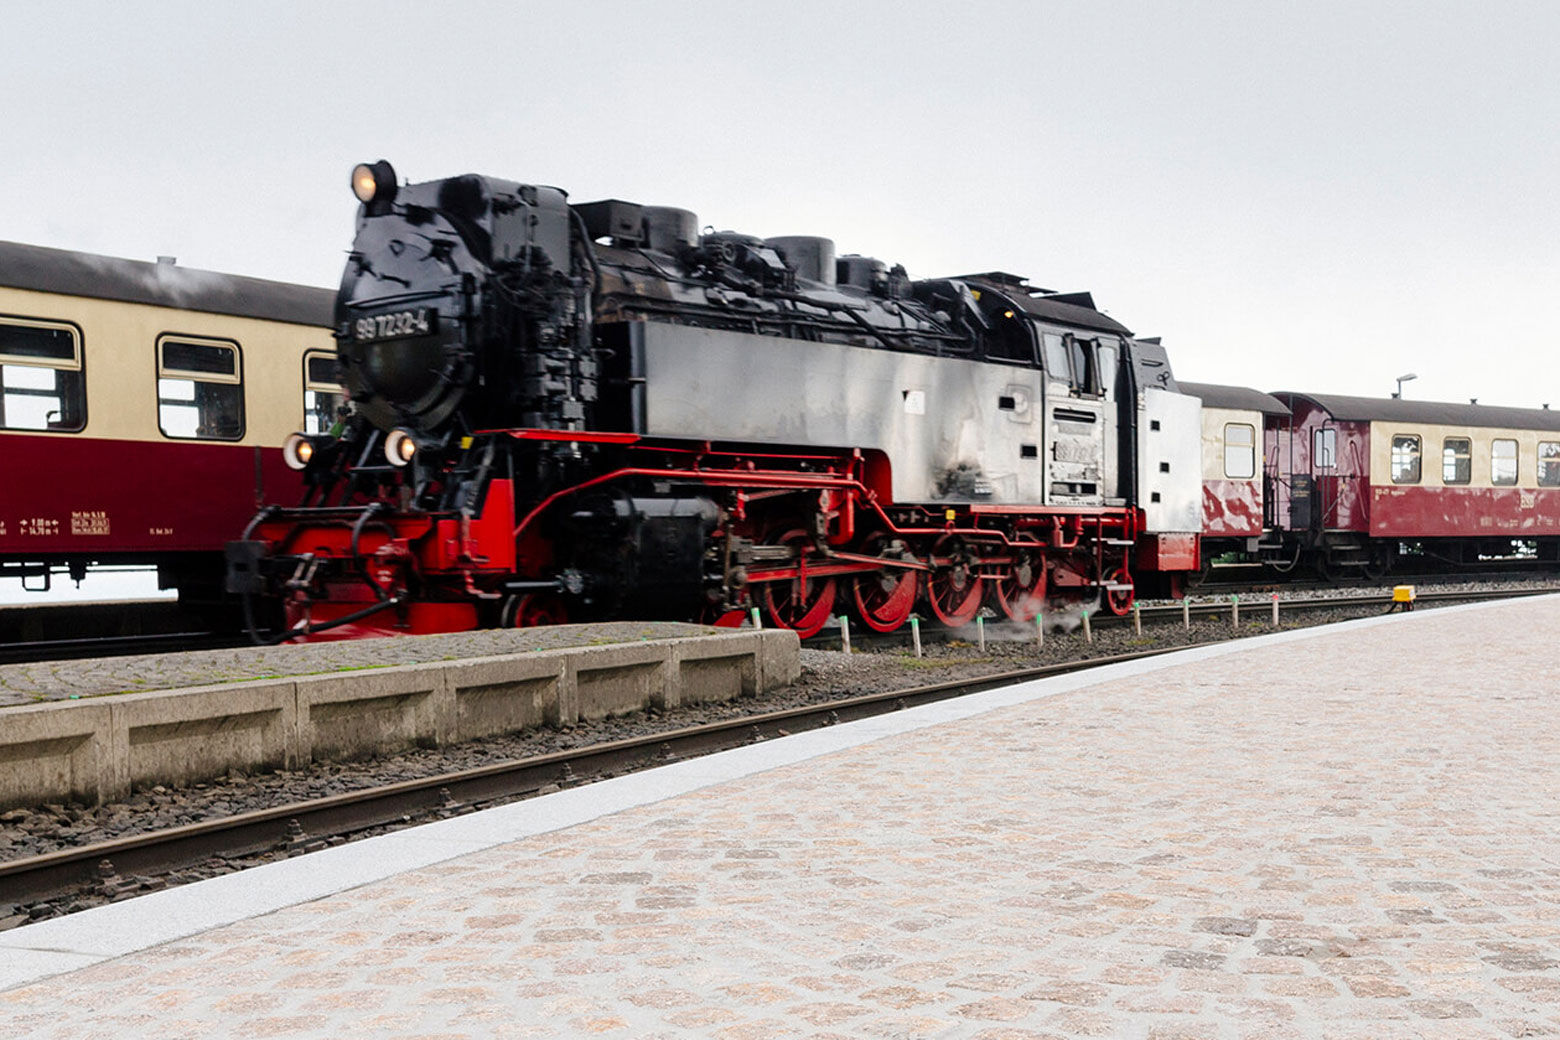 Einfahrende Lokomotive vor neuem Bahnsteig